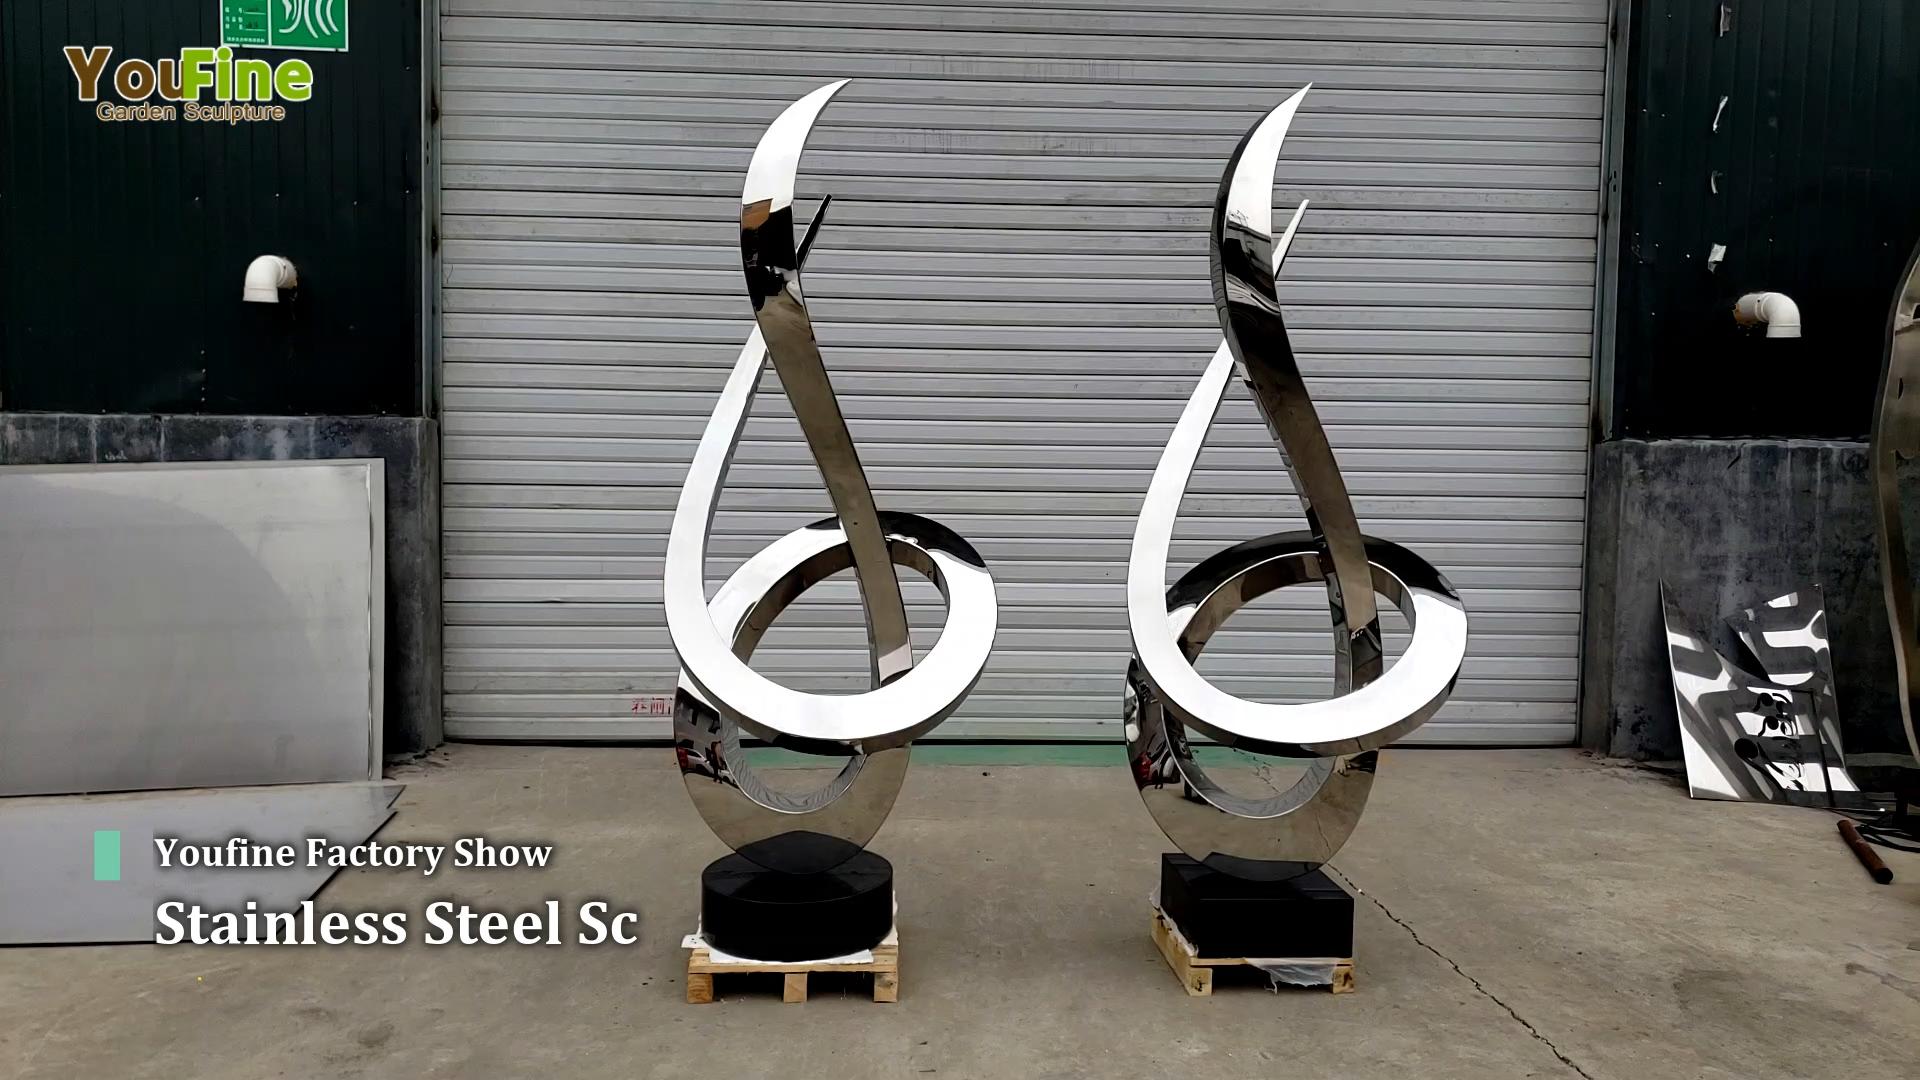 モダンな屋外ガーデンステンレス鋼抽象彫刻